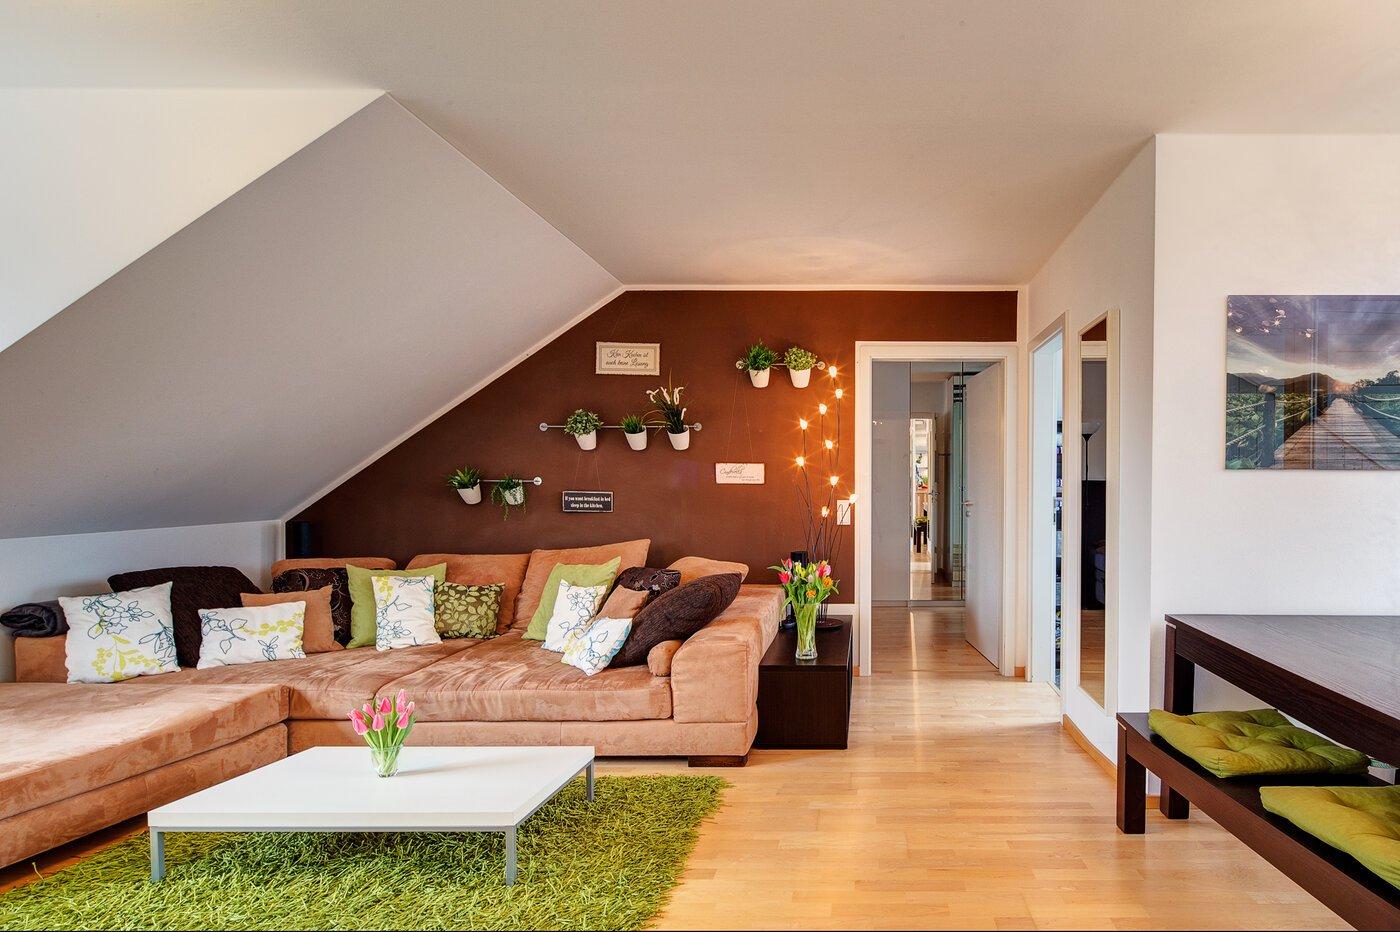 2 camere appartamento ammobiliato balcone monaco obergiesing 9411. Black Bedroom Furniture Sets. Home Design Ideas